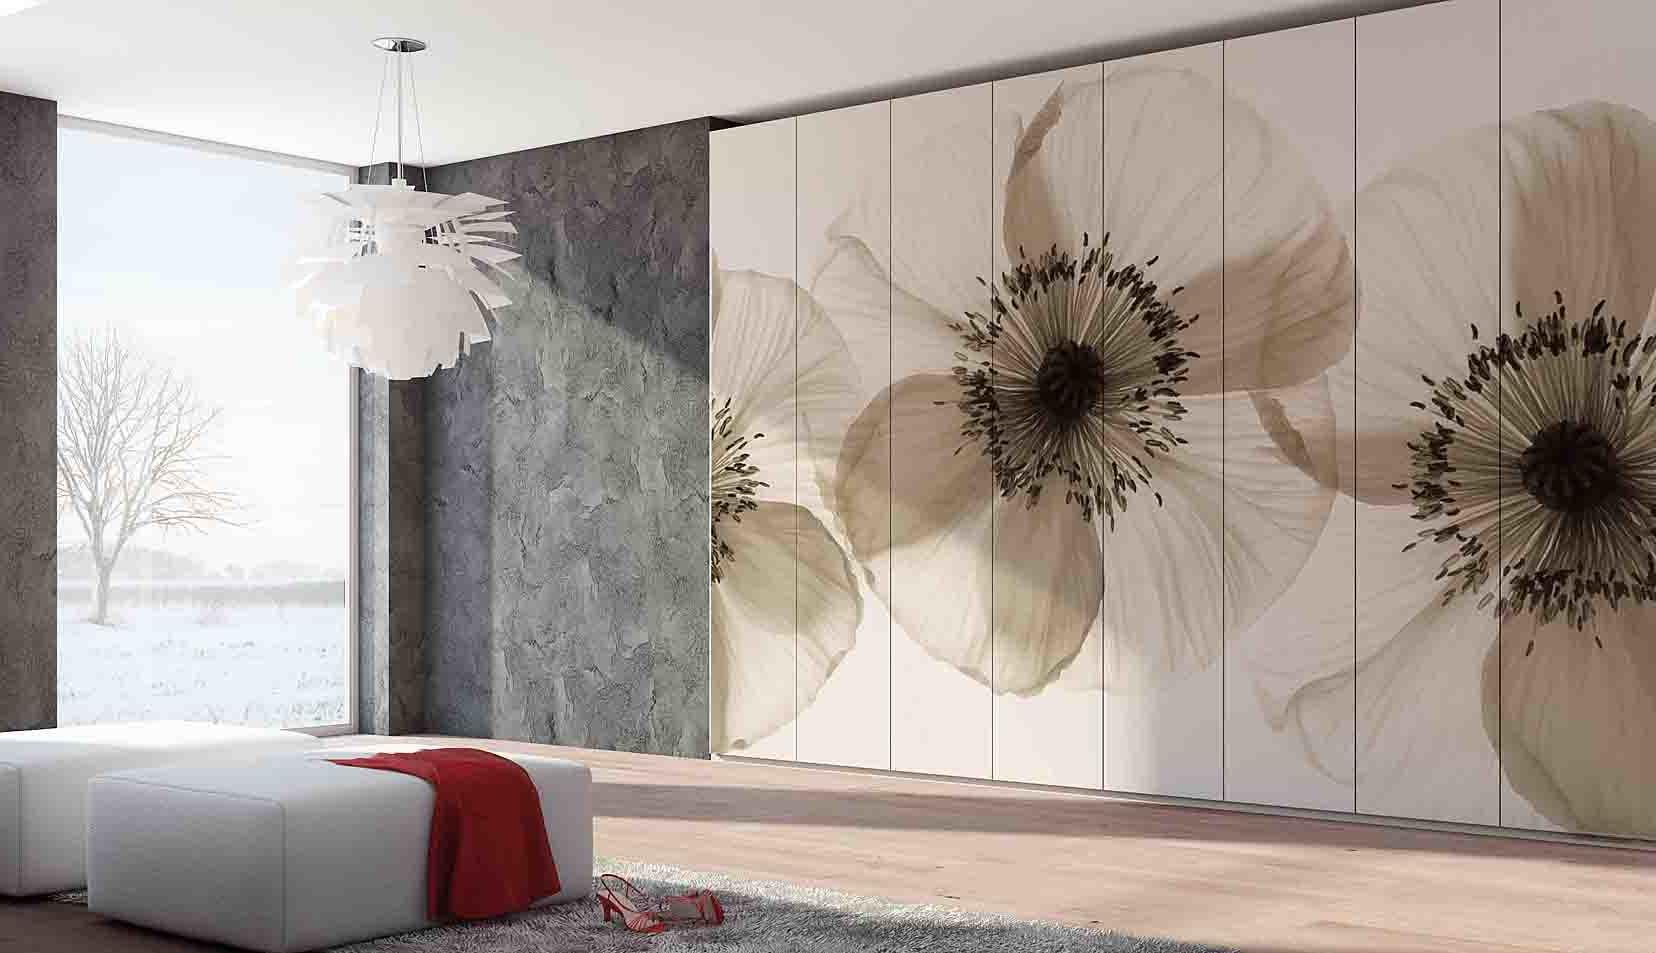 Blumiges Wohnzimmer-Wand